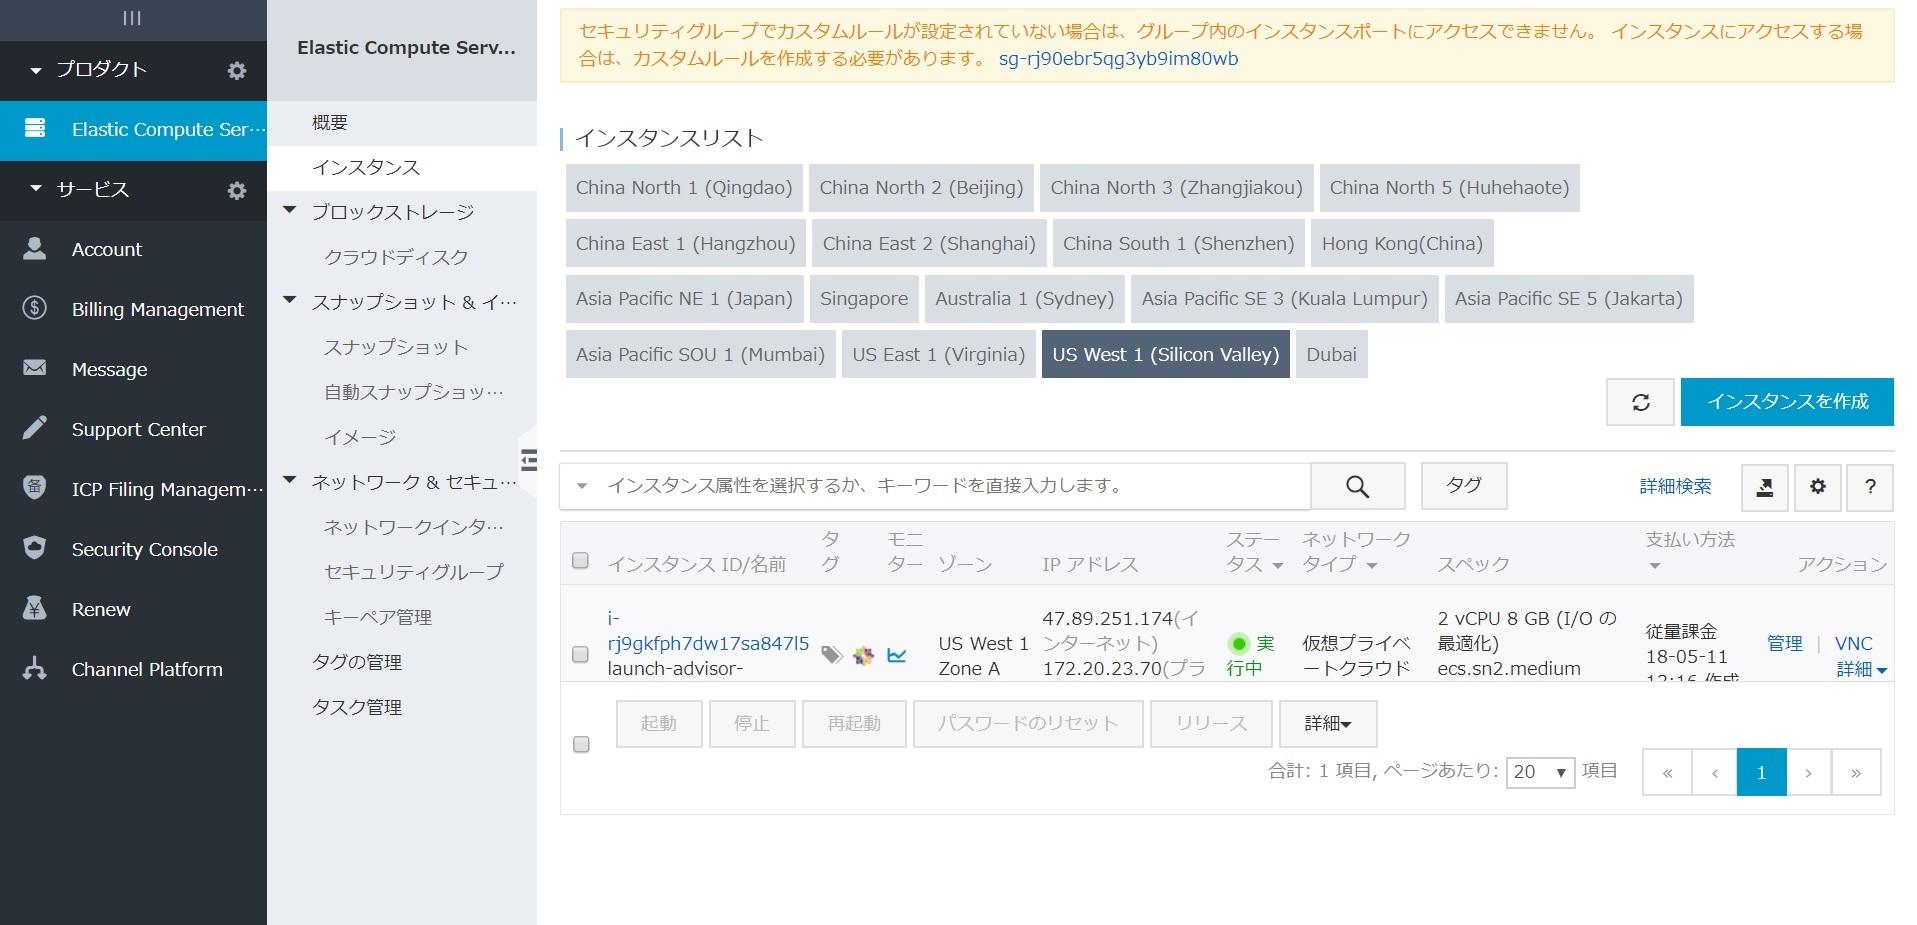 09_コンソール.jpg